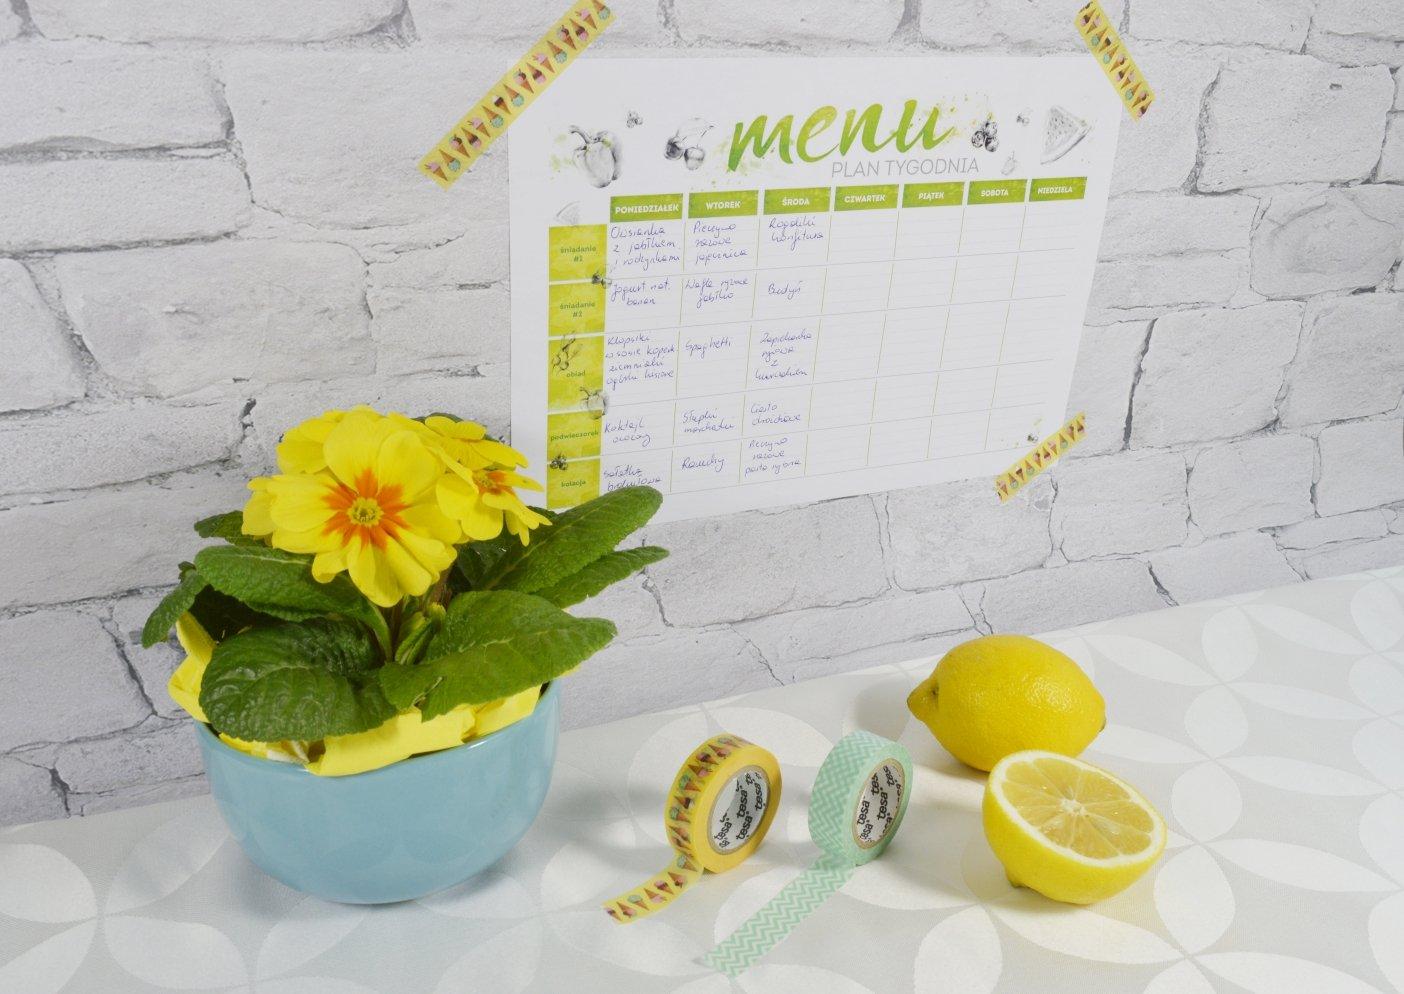 Domowe menu